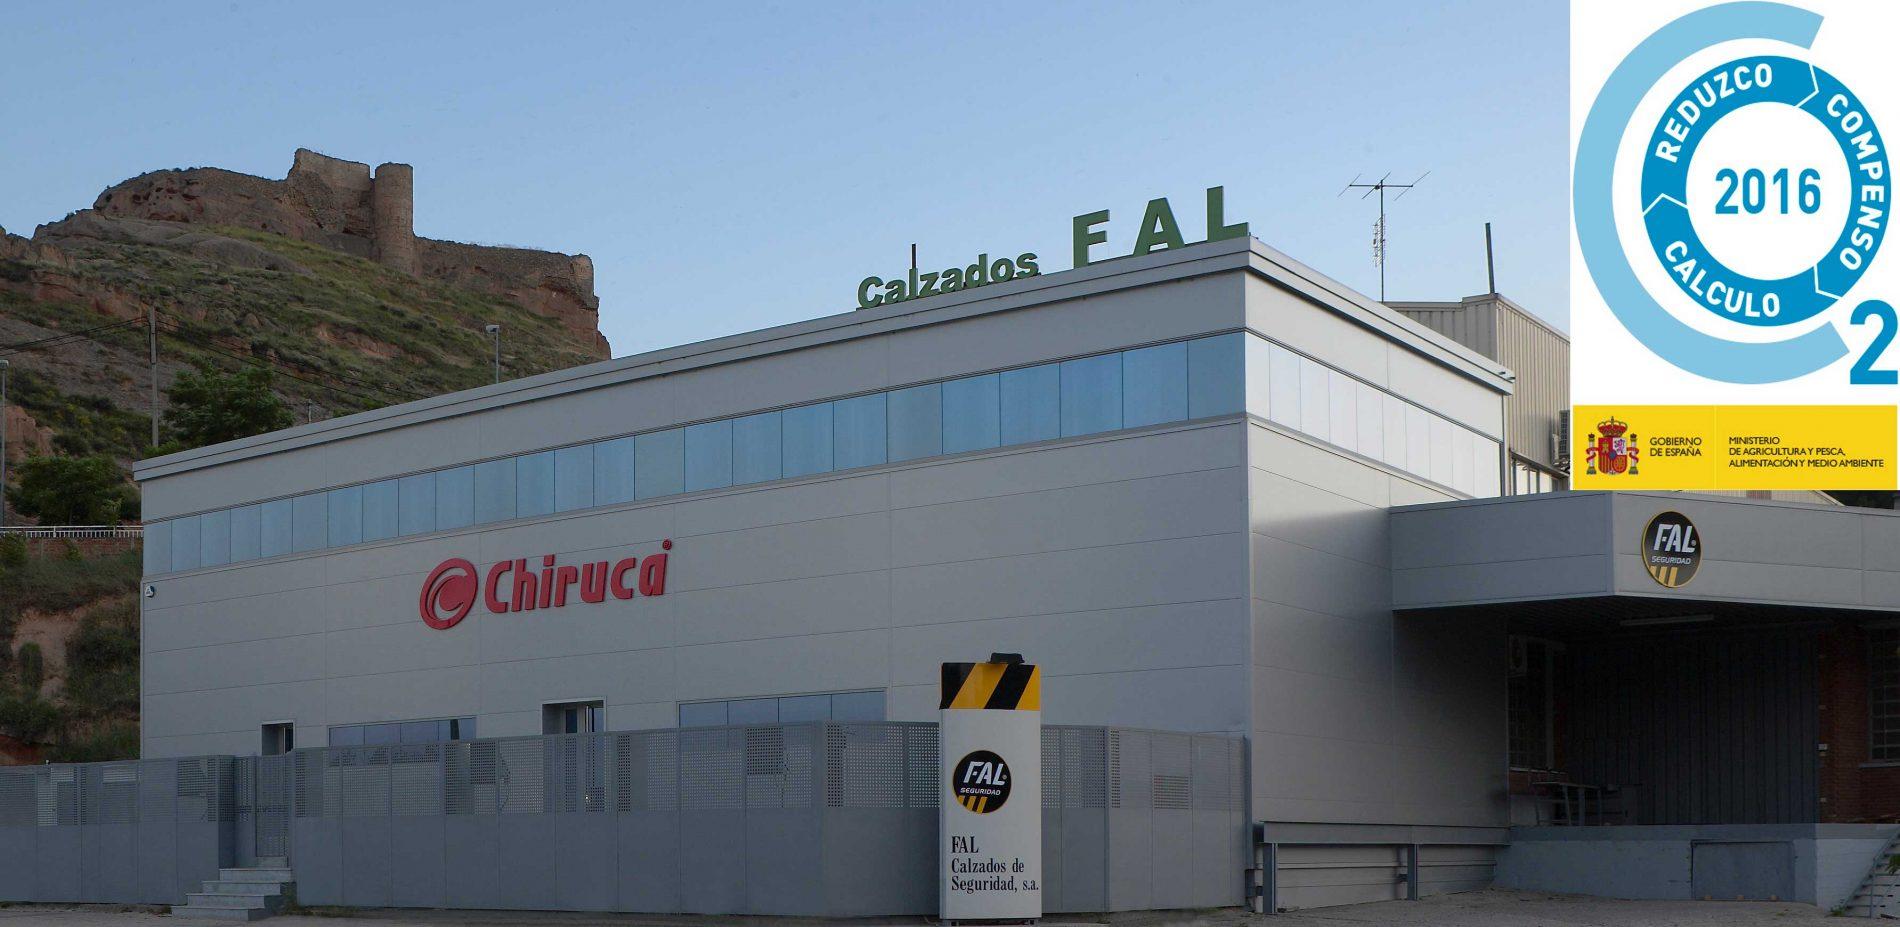 Calzados FAL – CHIRUCA®, consigue el sello completo de huella de carbono